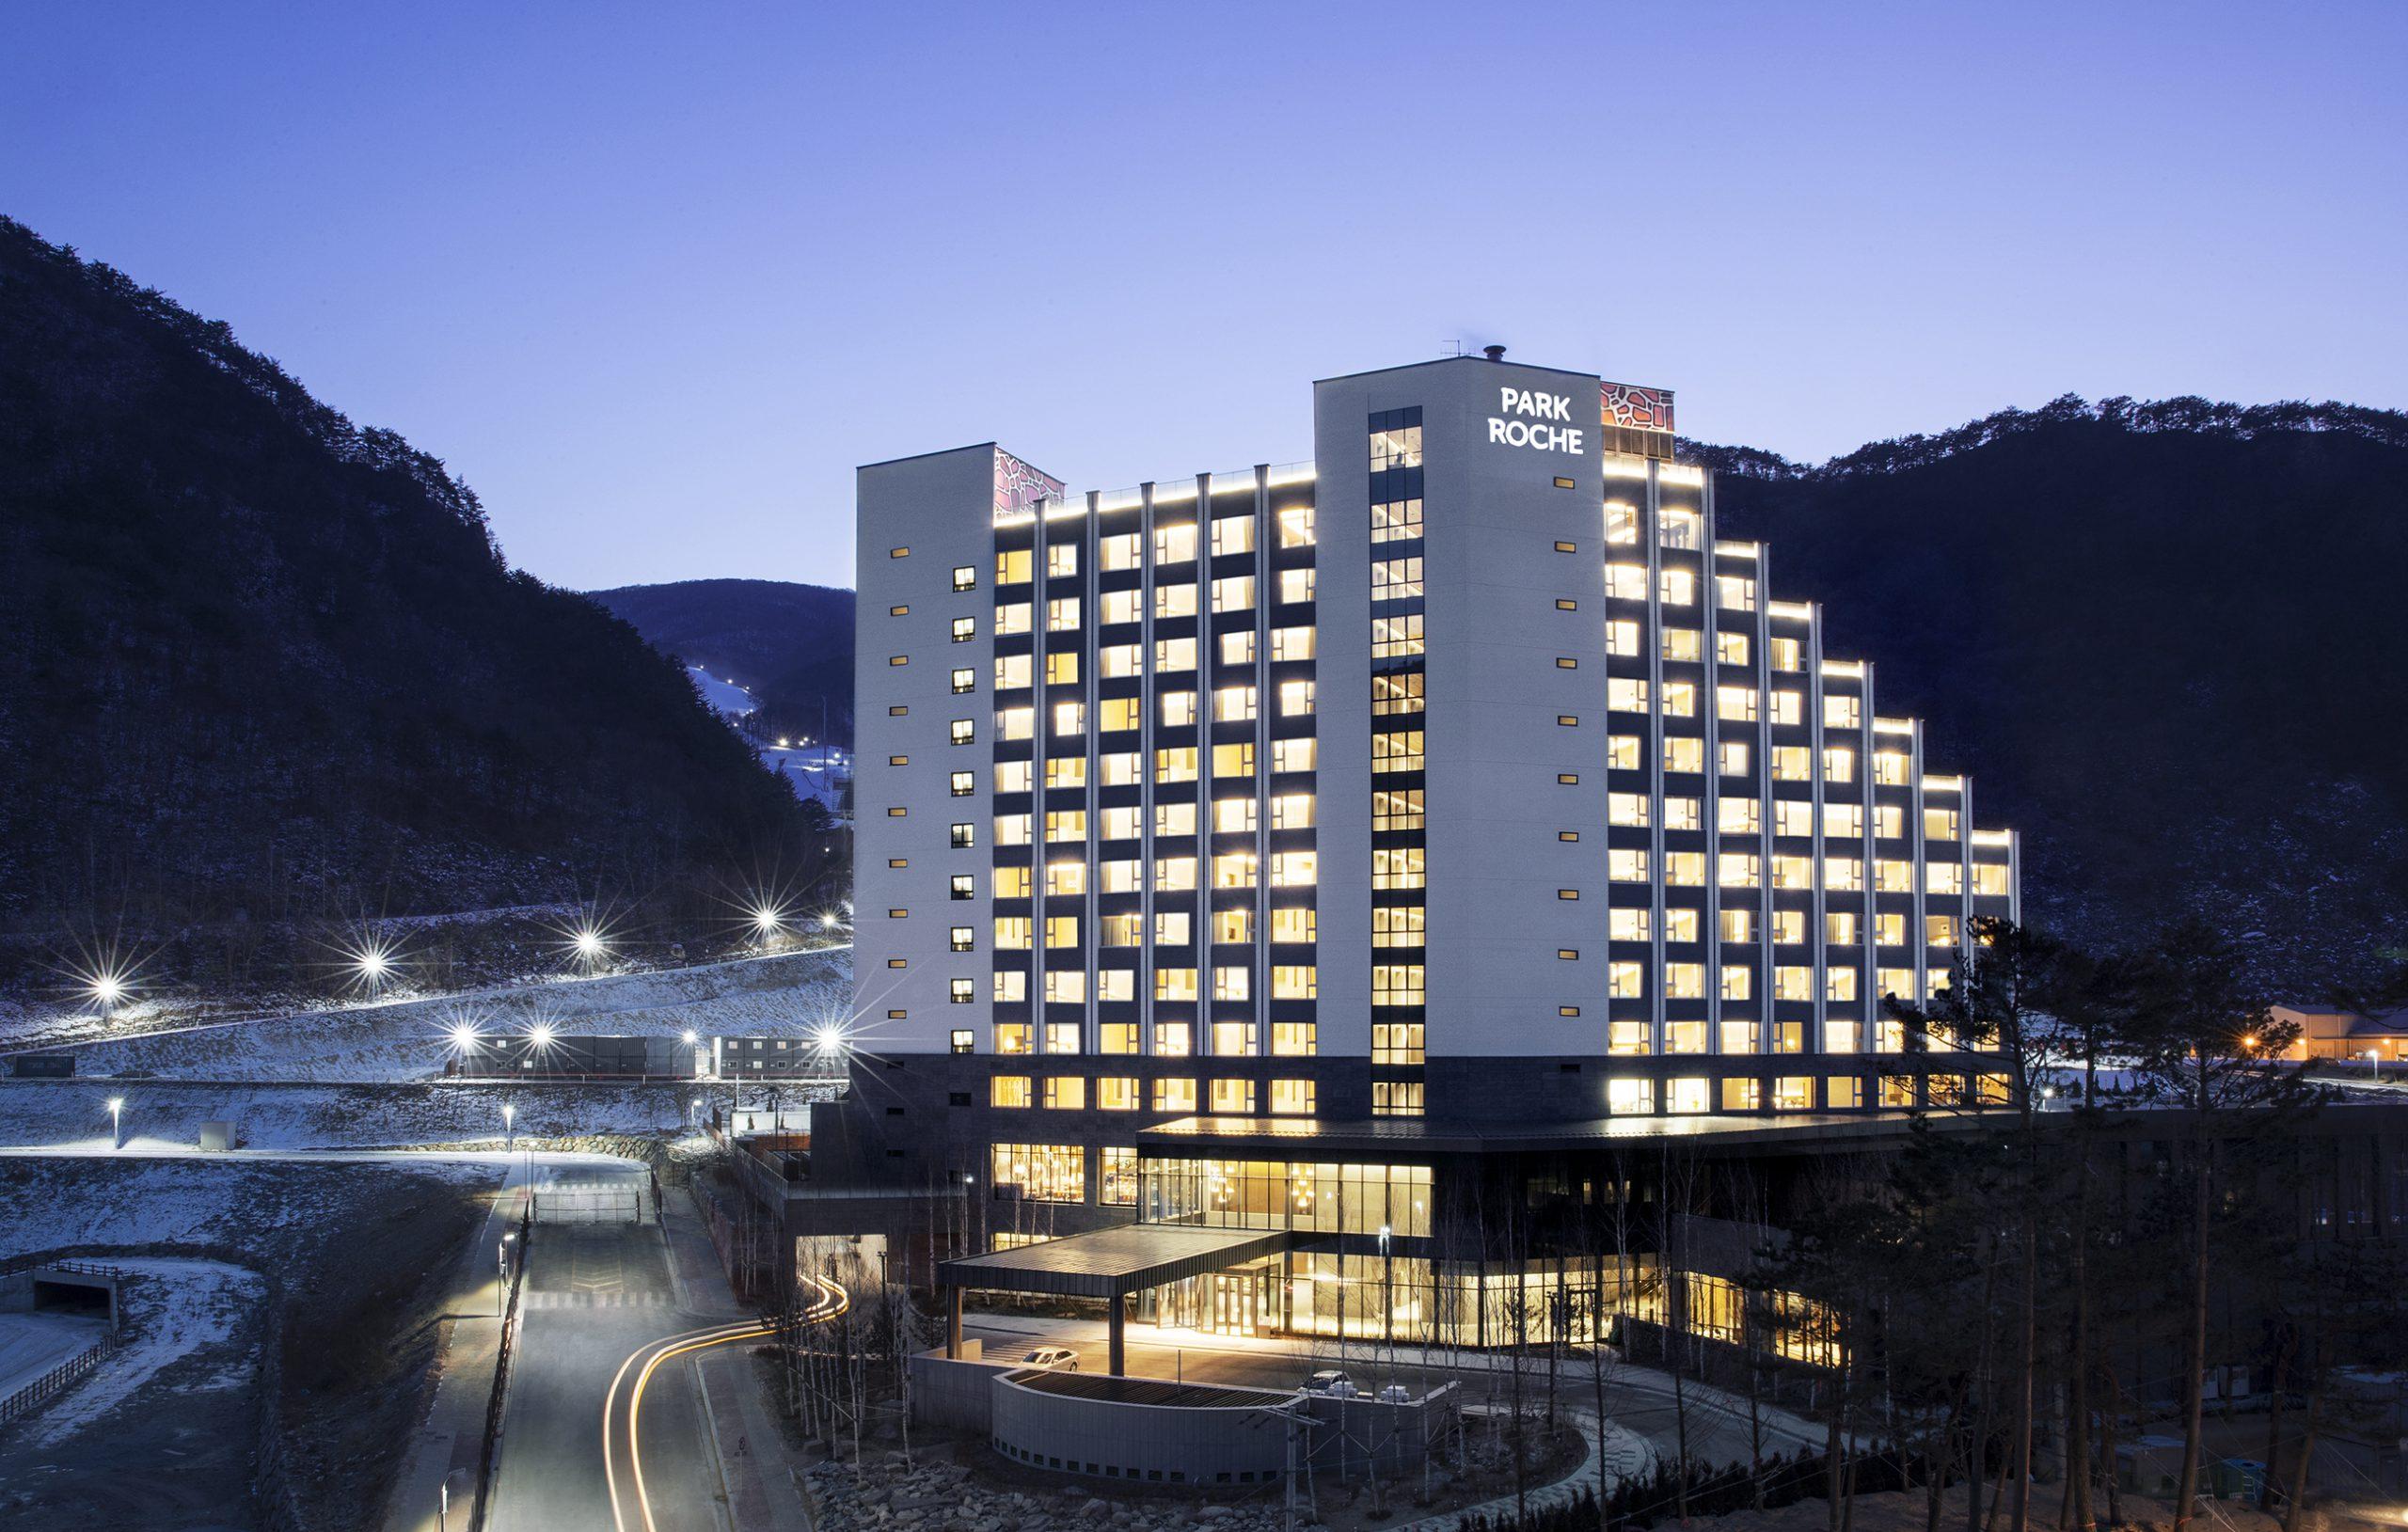 PARK ROCHE Resort & Wellness